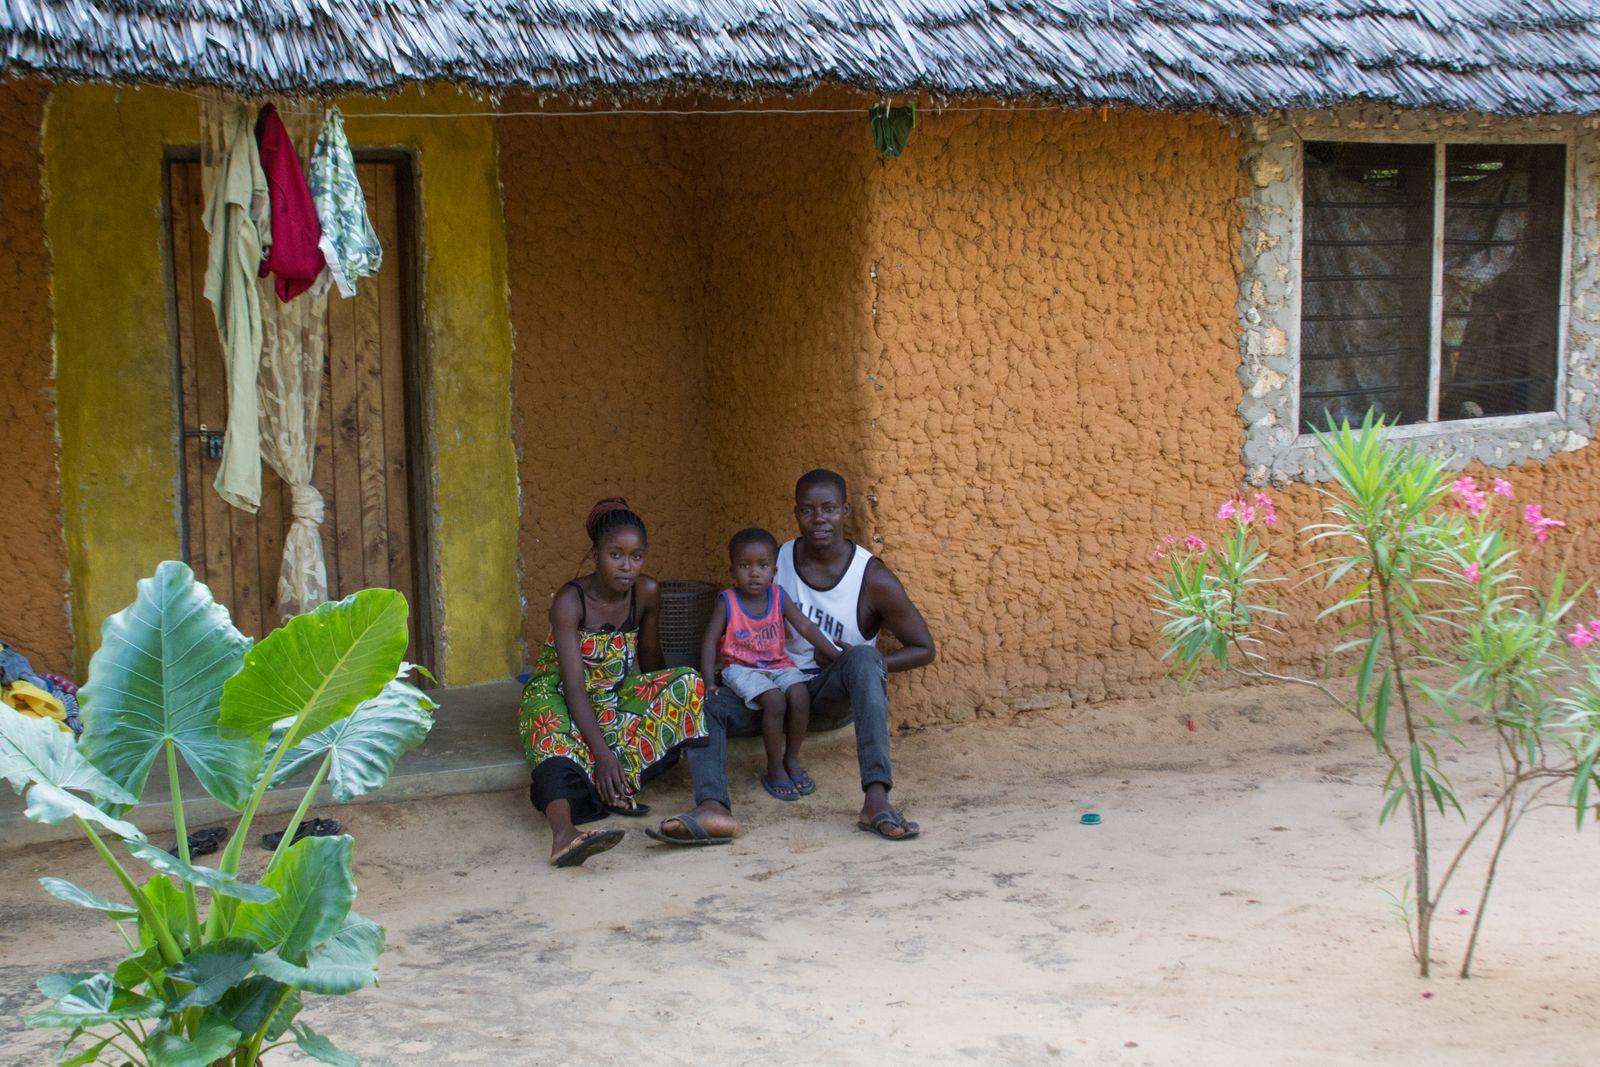 mit seiner Frau Roseline Kazungu Ndole und ihrem Sohn Lucky vor ihrem Haus in Dabaso bei Watamu an der kenianischen Kueste